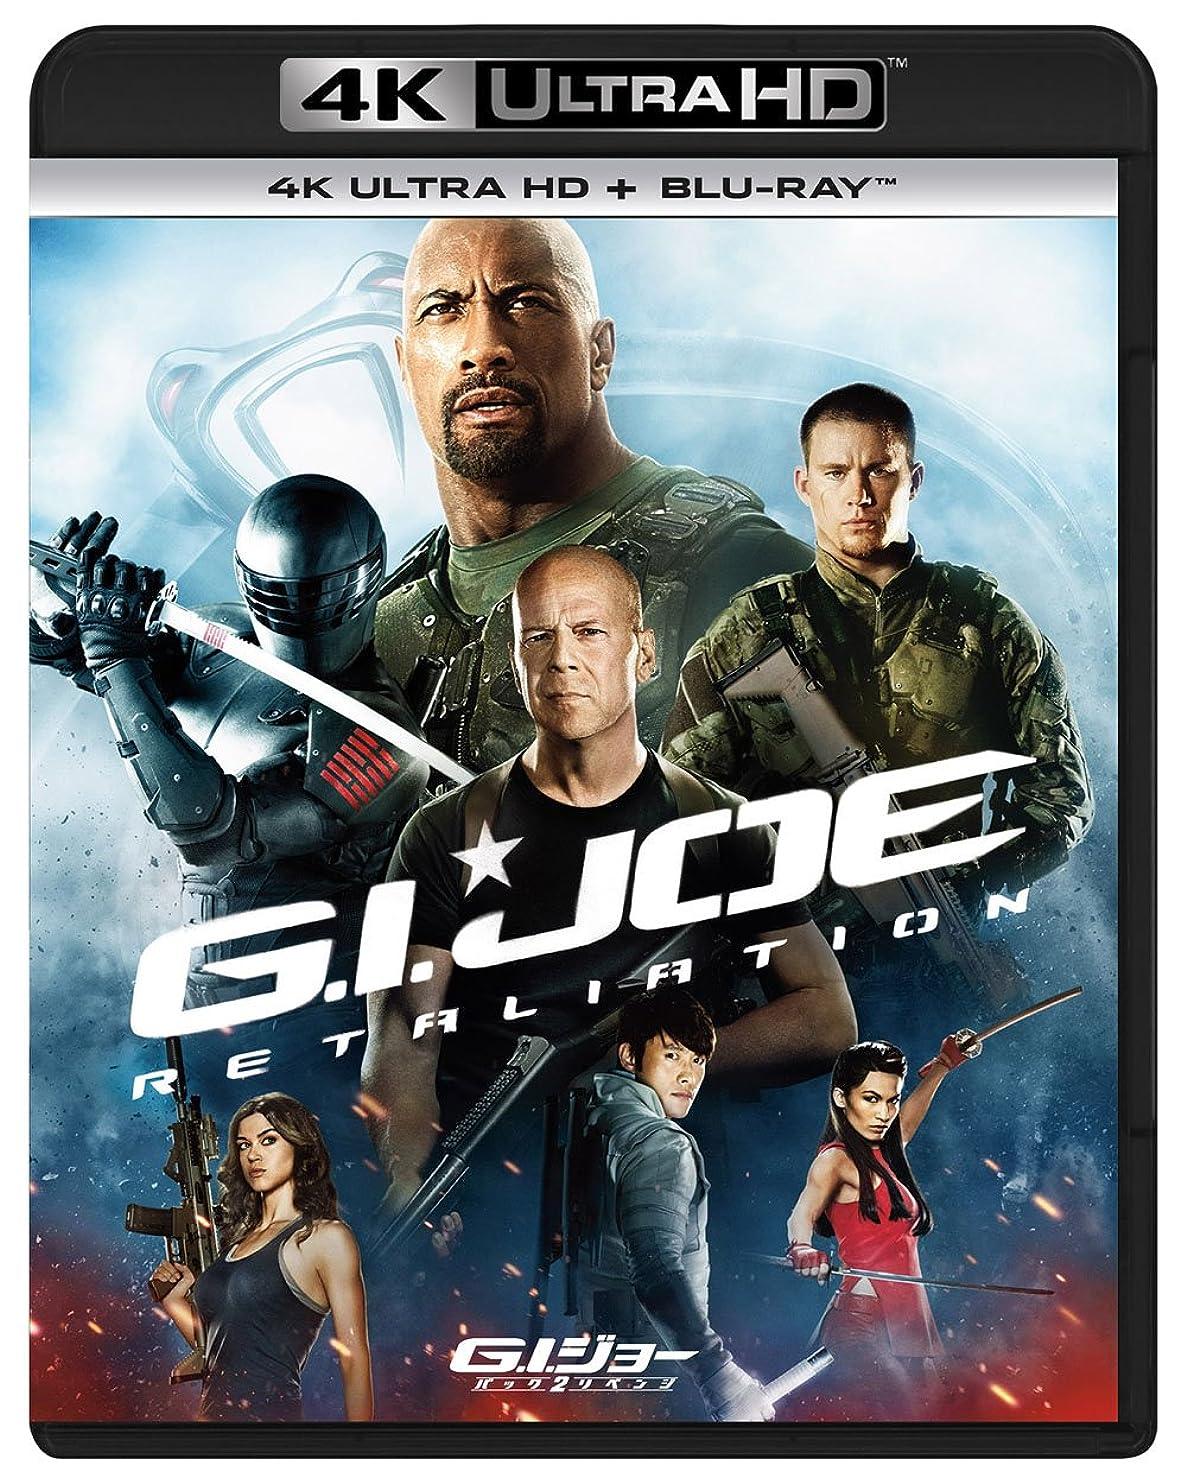 ビーズ照らす序文G.I.ジョー バック2リベンジ (4K ULTRA HD + Blu-rayセット)[4K ULTRA HD + Blu-ray]